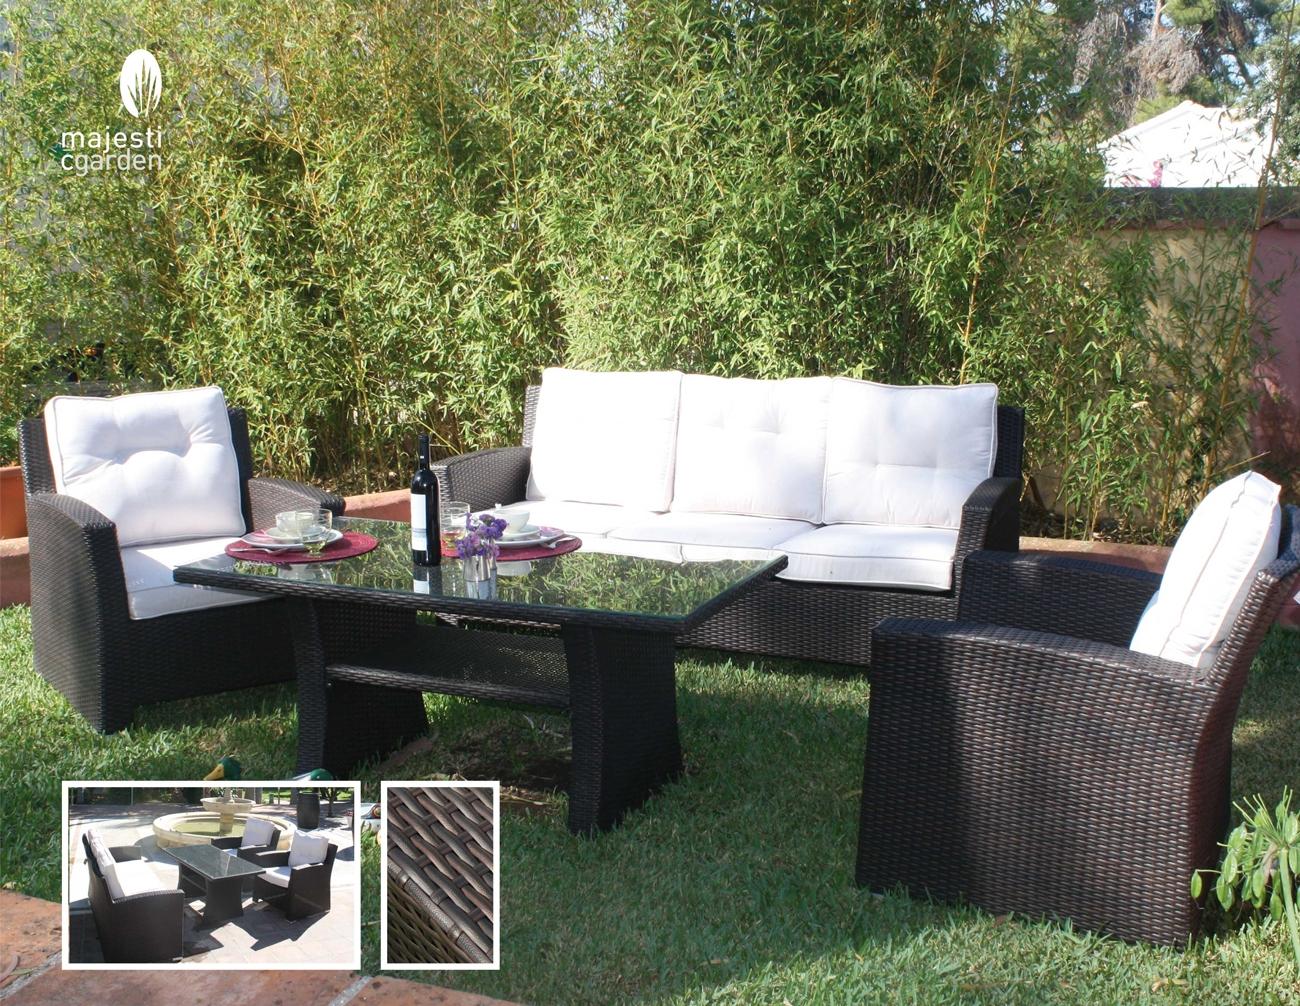 Set de sofá para exterior Prado - Set de sofá para exterior Prado, elegante que llenara de estilo tu jardín.